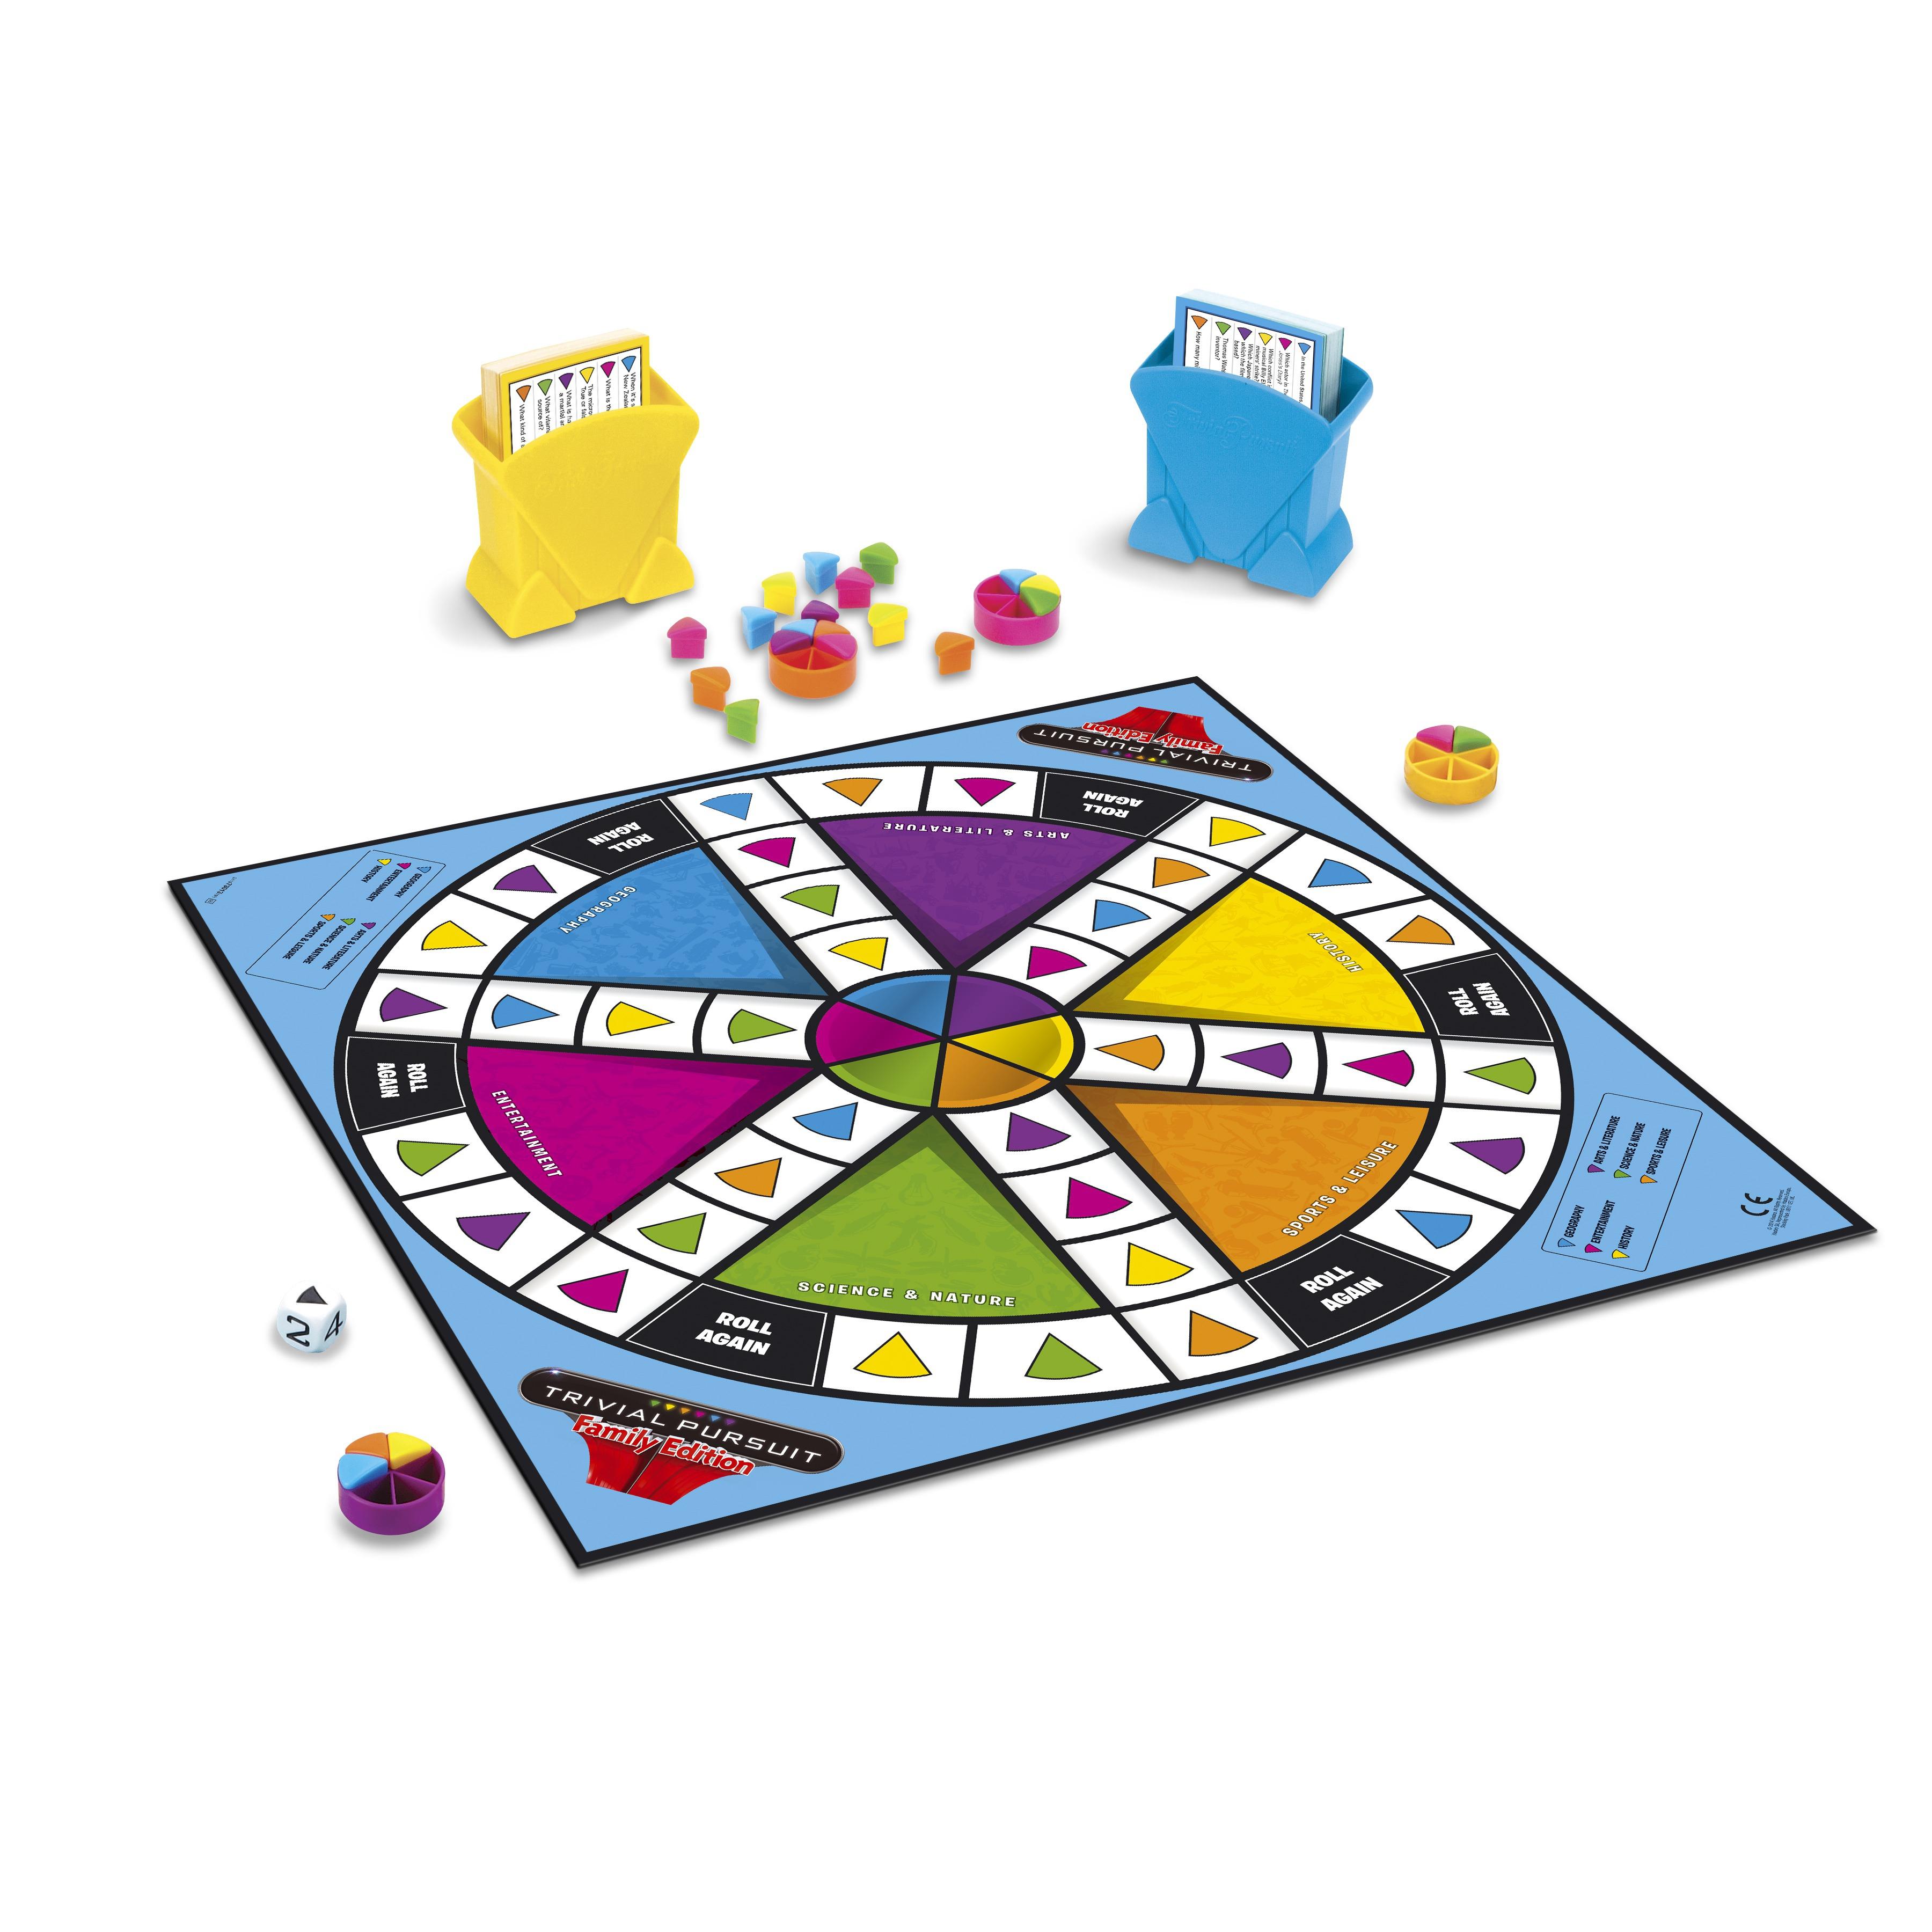 Развивающие и обучающие OTHER GAMES Настольная игра Trivial Pursuit семейная развивающие и обучающие other games моя первая игра other games клуэдо